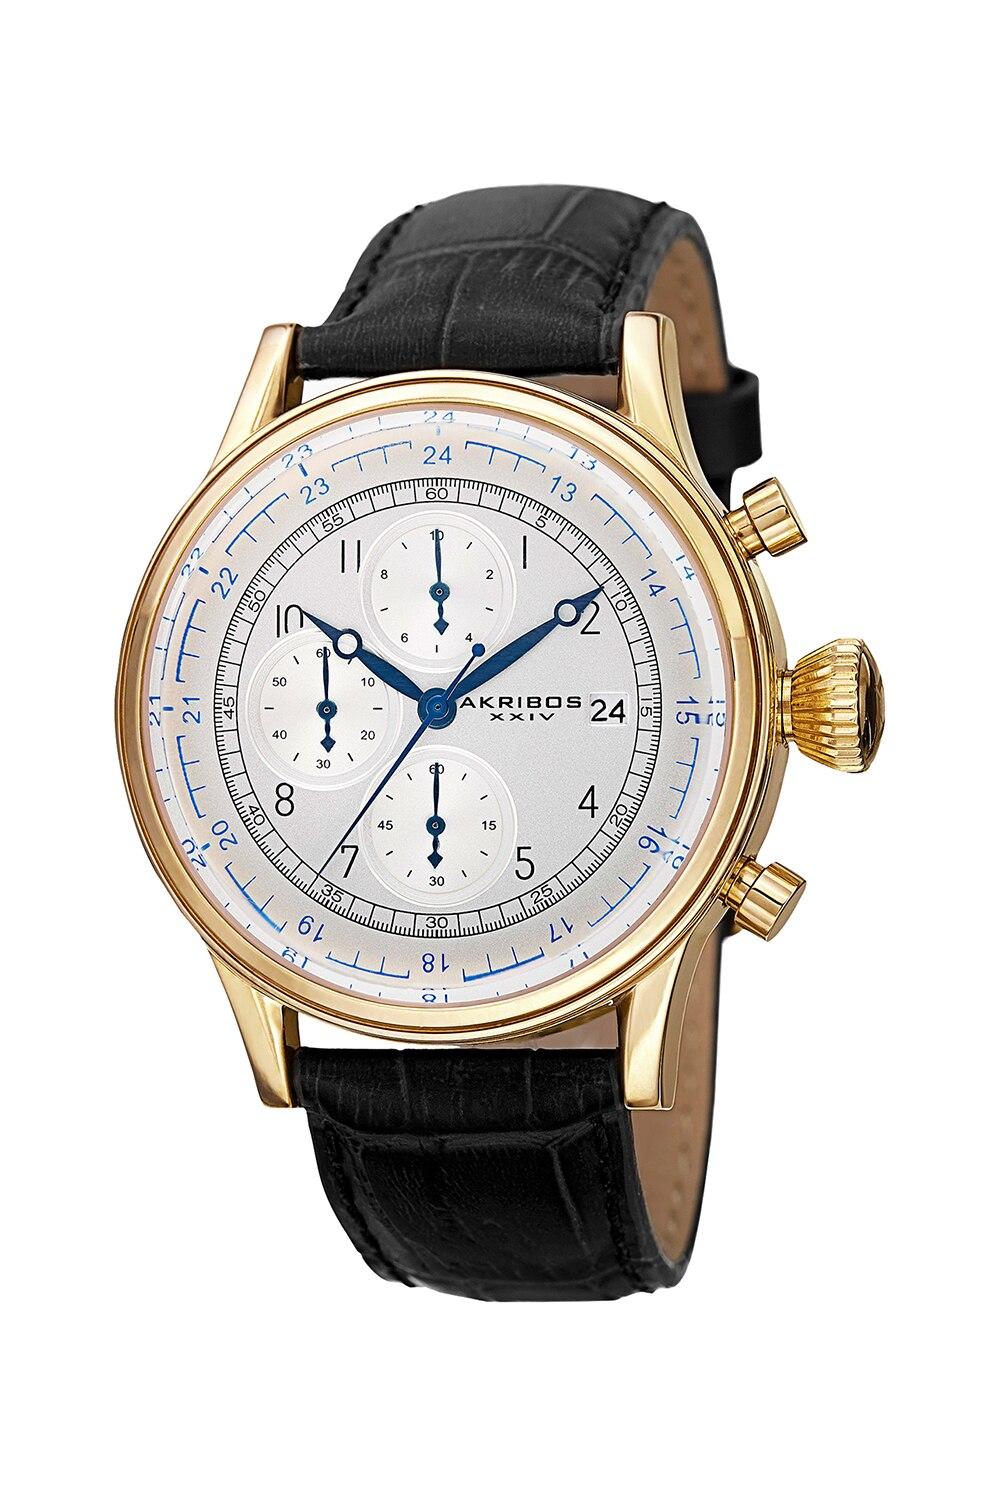 Fotografie AKRIBOS XXIV, Ceas cronograf cu o curea din piele, Negru/Auriu